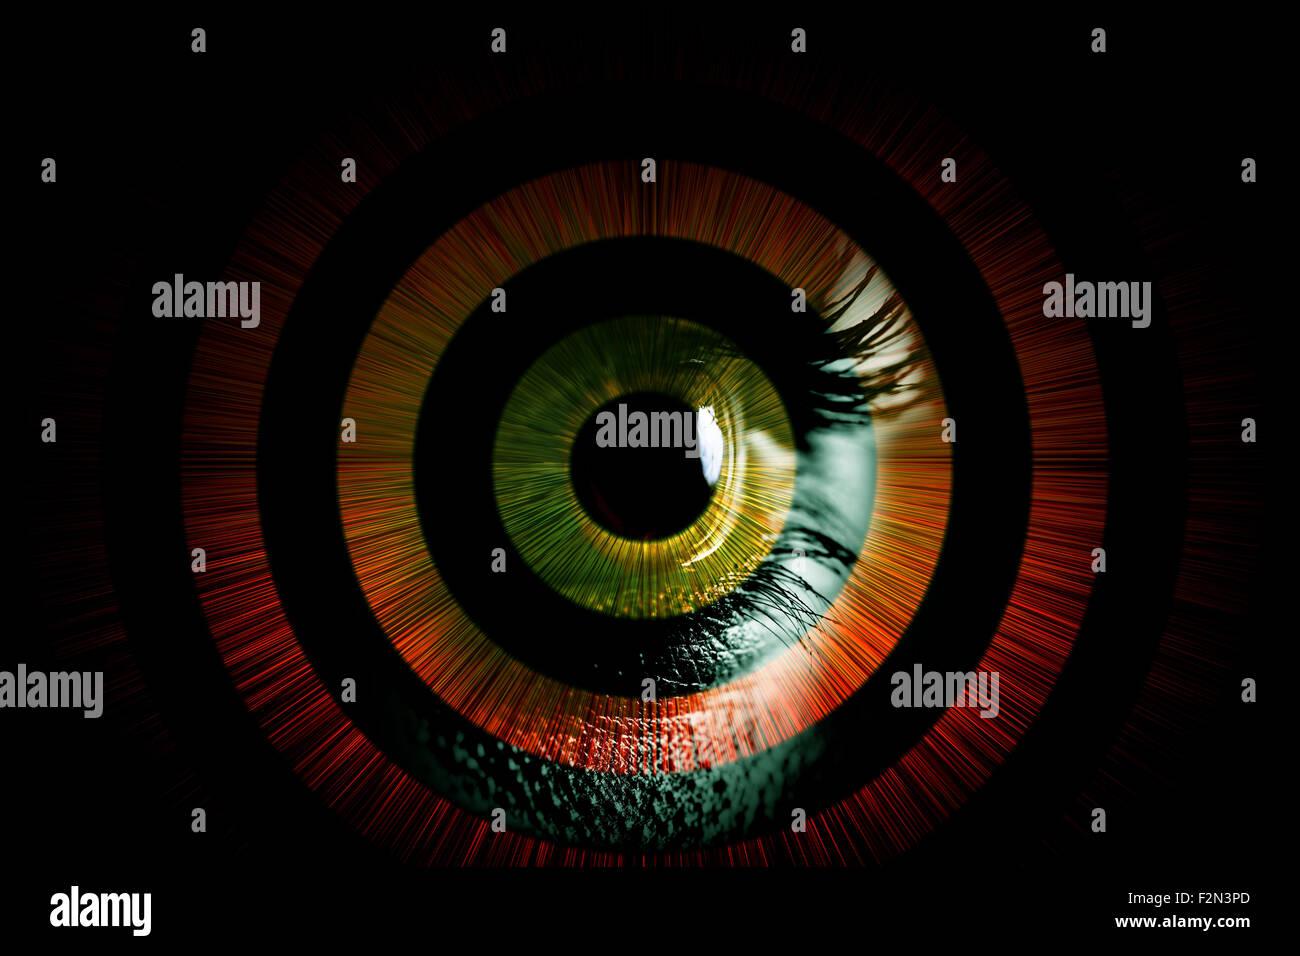 Ojo Humano - visión abstracta concepto Imagen De Stock